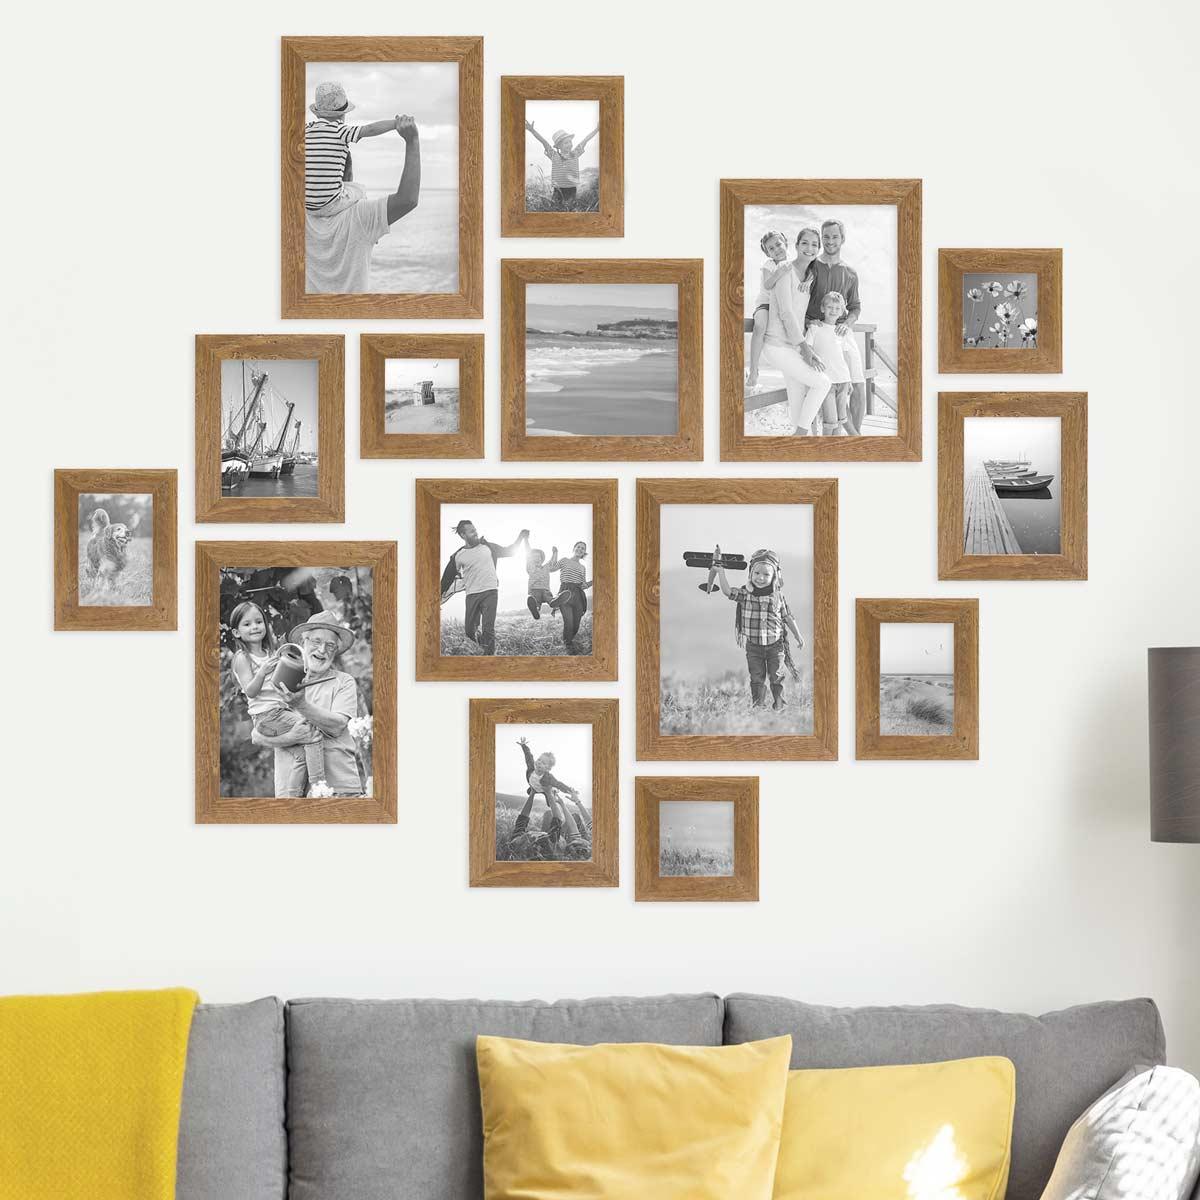 10er Bilderrahmen Set Strandhaus Rustikal Eiche Optik Natur   PHOTOLINI  Bilderrahmen, Fotowände, Poster und Geschenke